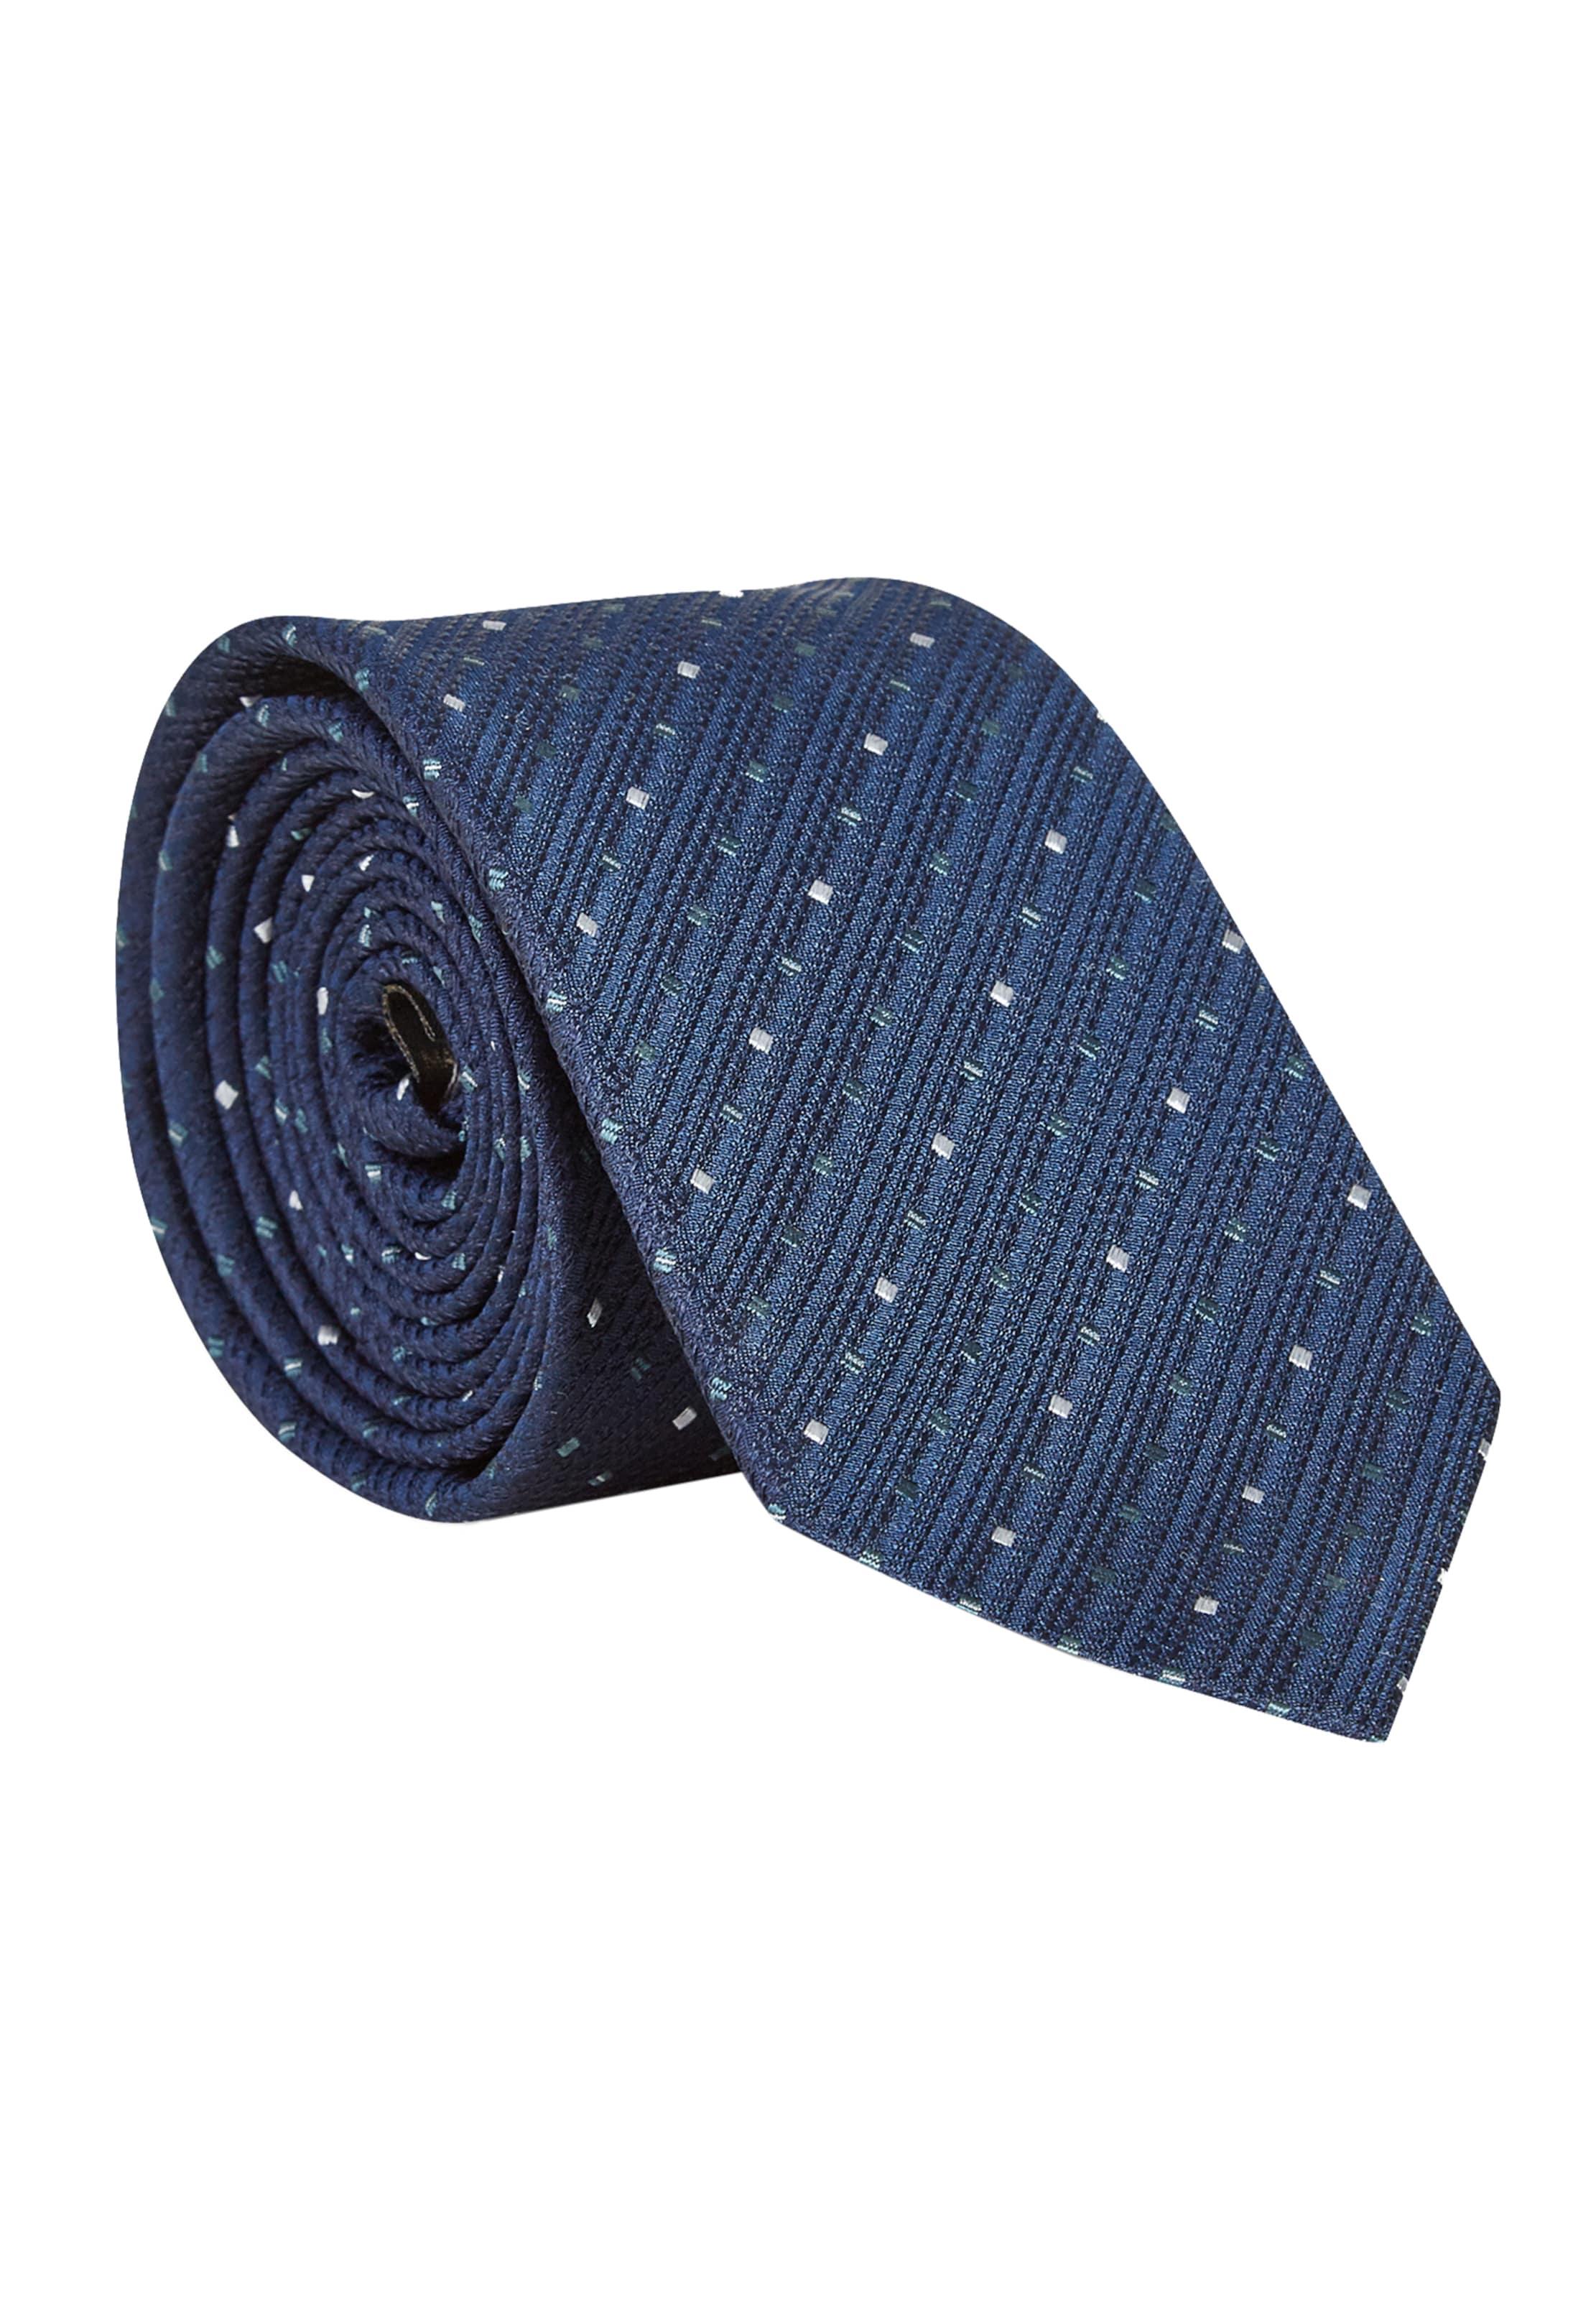 Dunkelblau krawatte Business Daniel In Hechter ZiTOuPkX